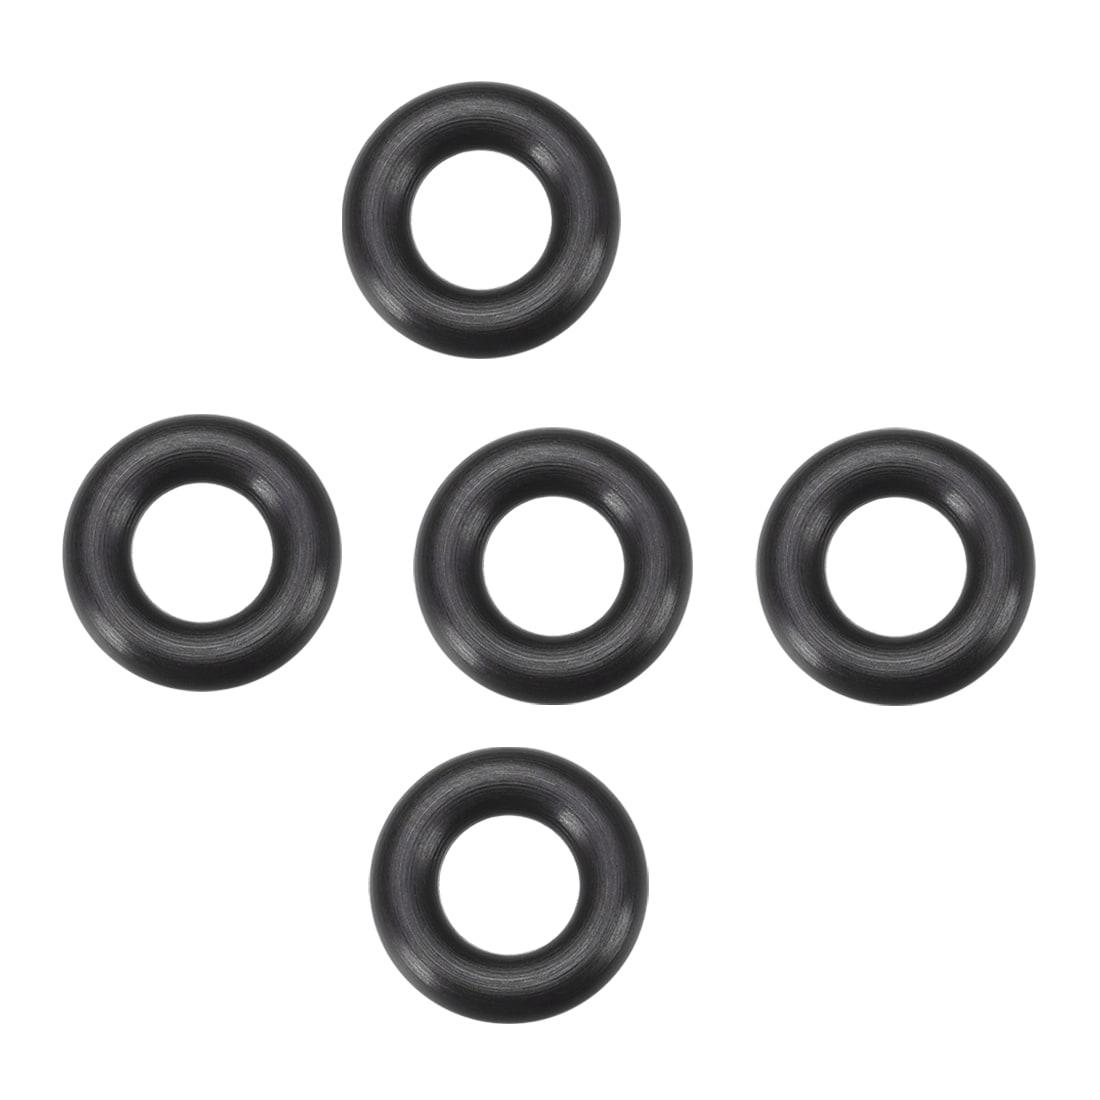 Seal Gasket Black 5Pcs 7mm ID 14mm OD Fluorine Rubber O Rings 3.5mm Width